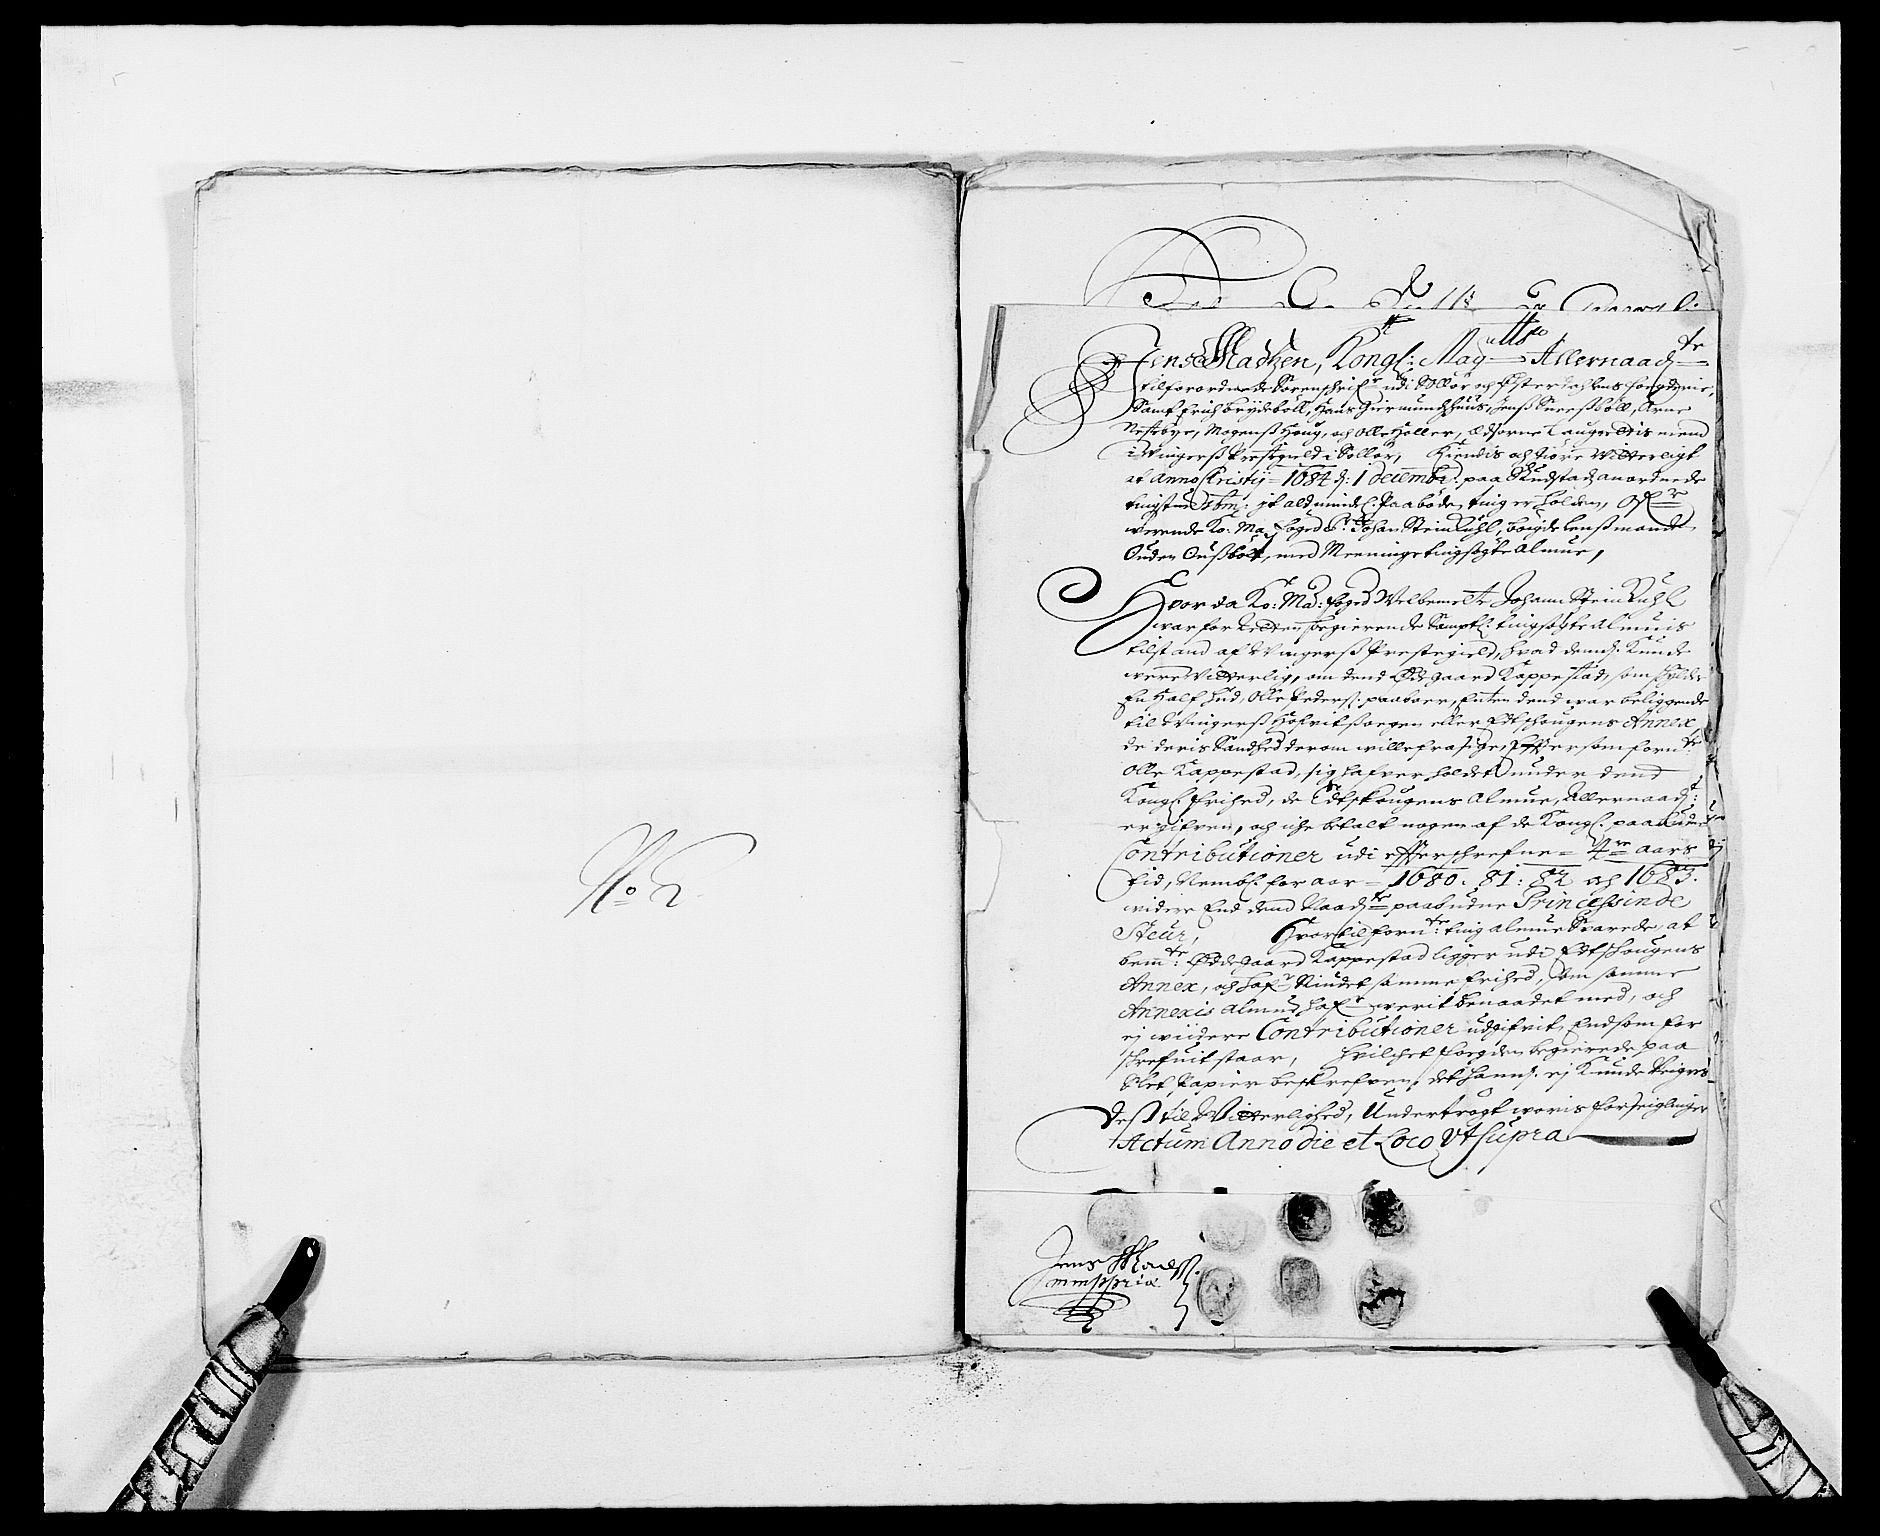 RA, Rentekammeret inntil 1814, Reviderte regnskaper, Fogderegnskap, R13/L0820: Fogderegnskap Solør, Odal og Østerdal, 1683, s. 268